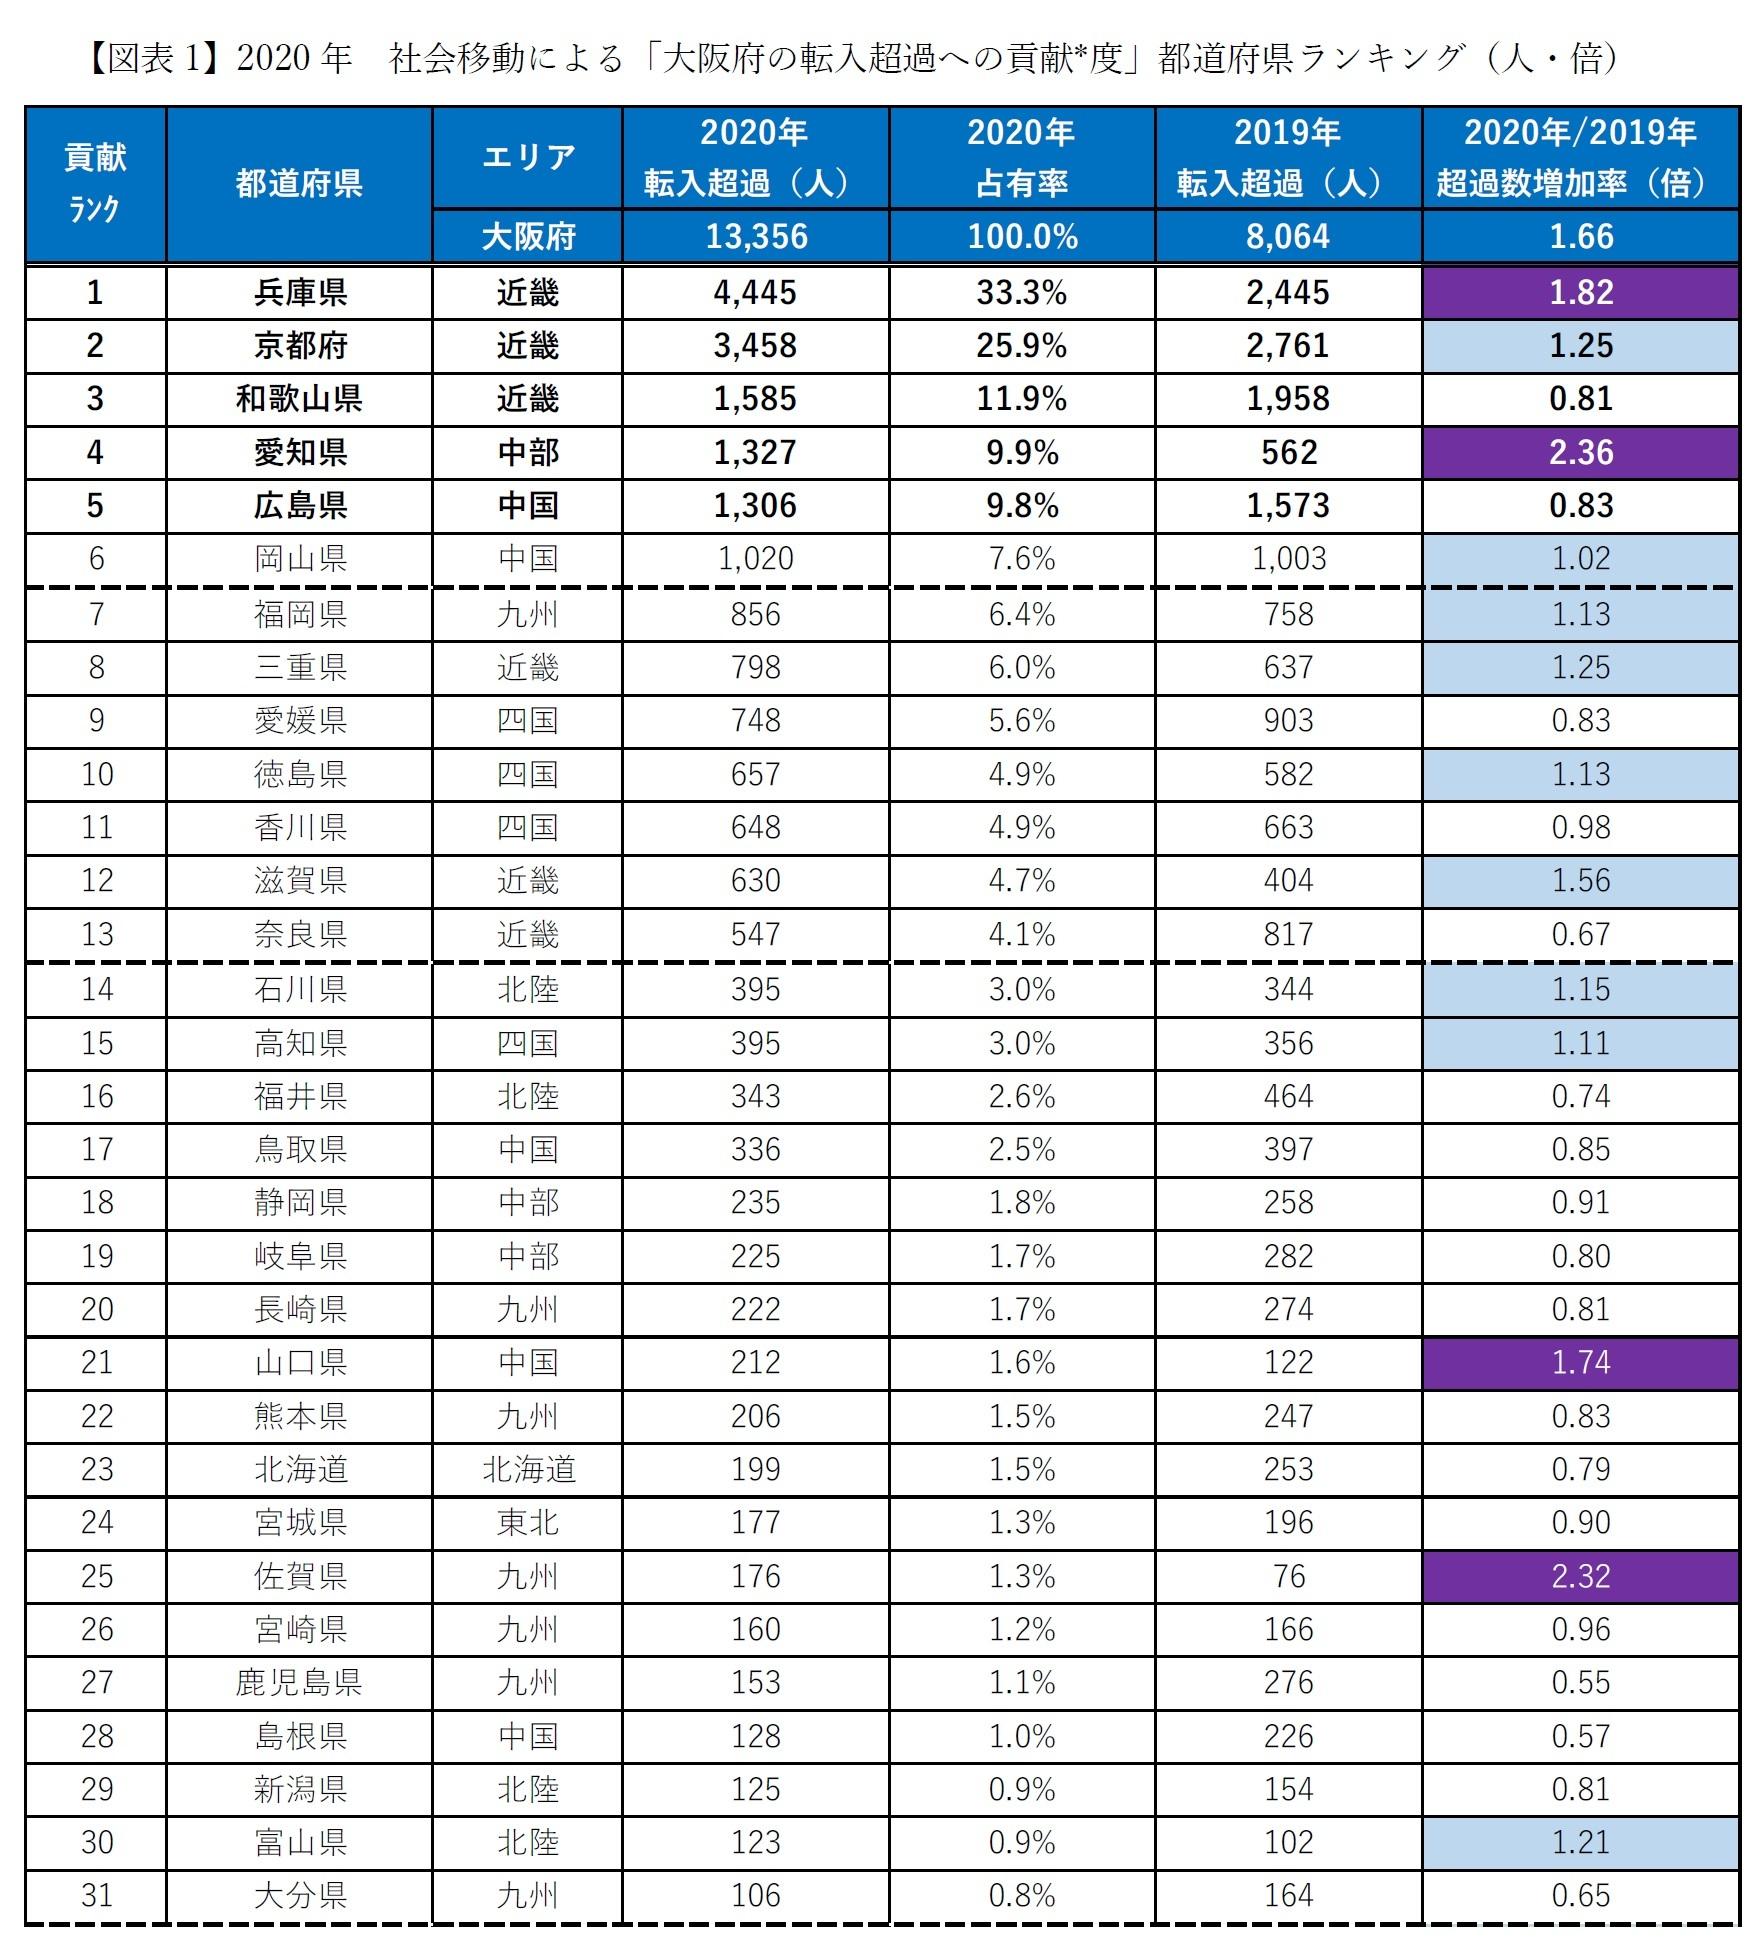 【図表1-1】2020年 社会移動による「大阪府の転入超過への貢献*度」都道府県ランキング(人・倍)